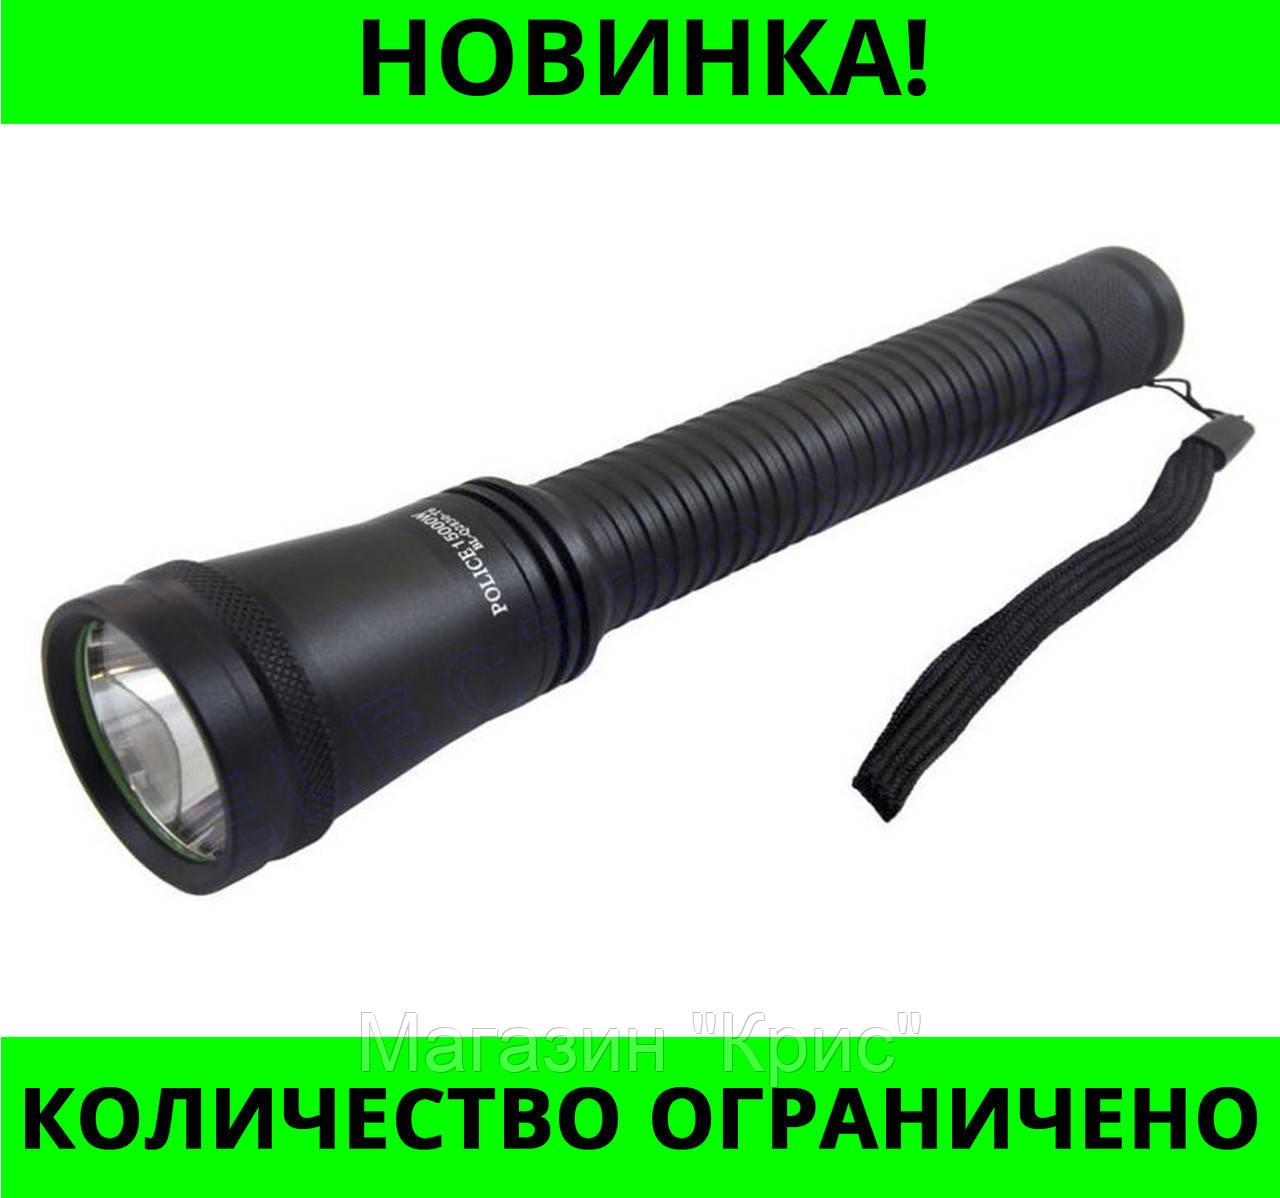 Подствольный фонарик Bailong Police BL-Q2830-T6! Распродажа